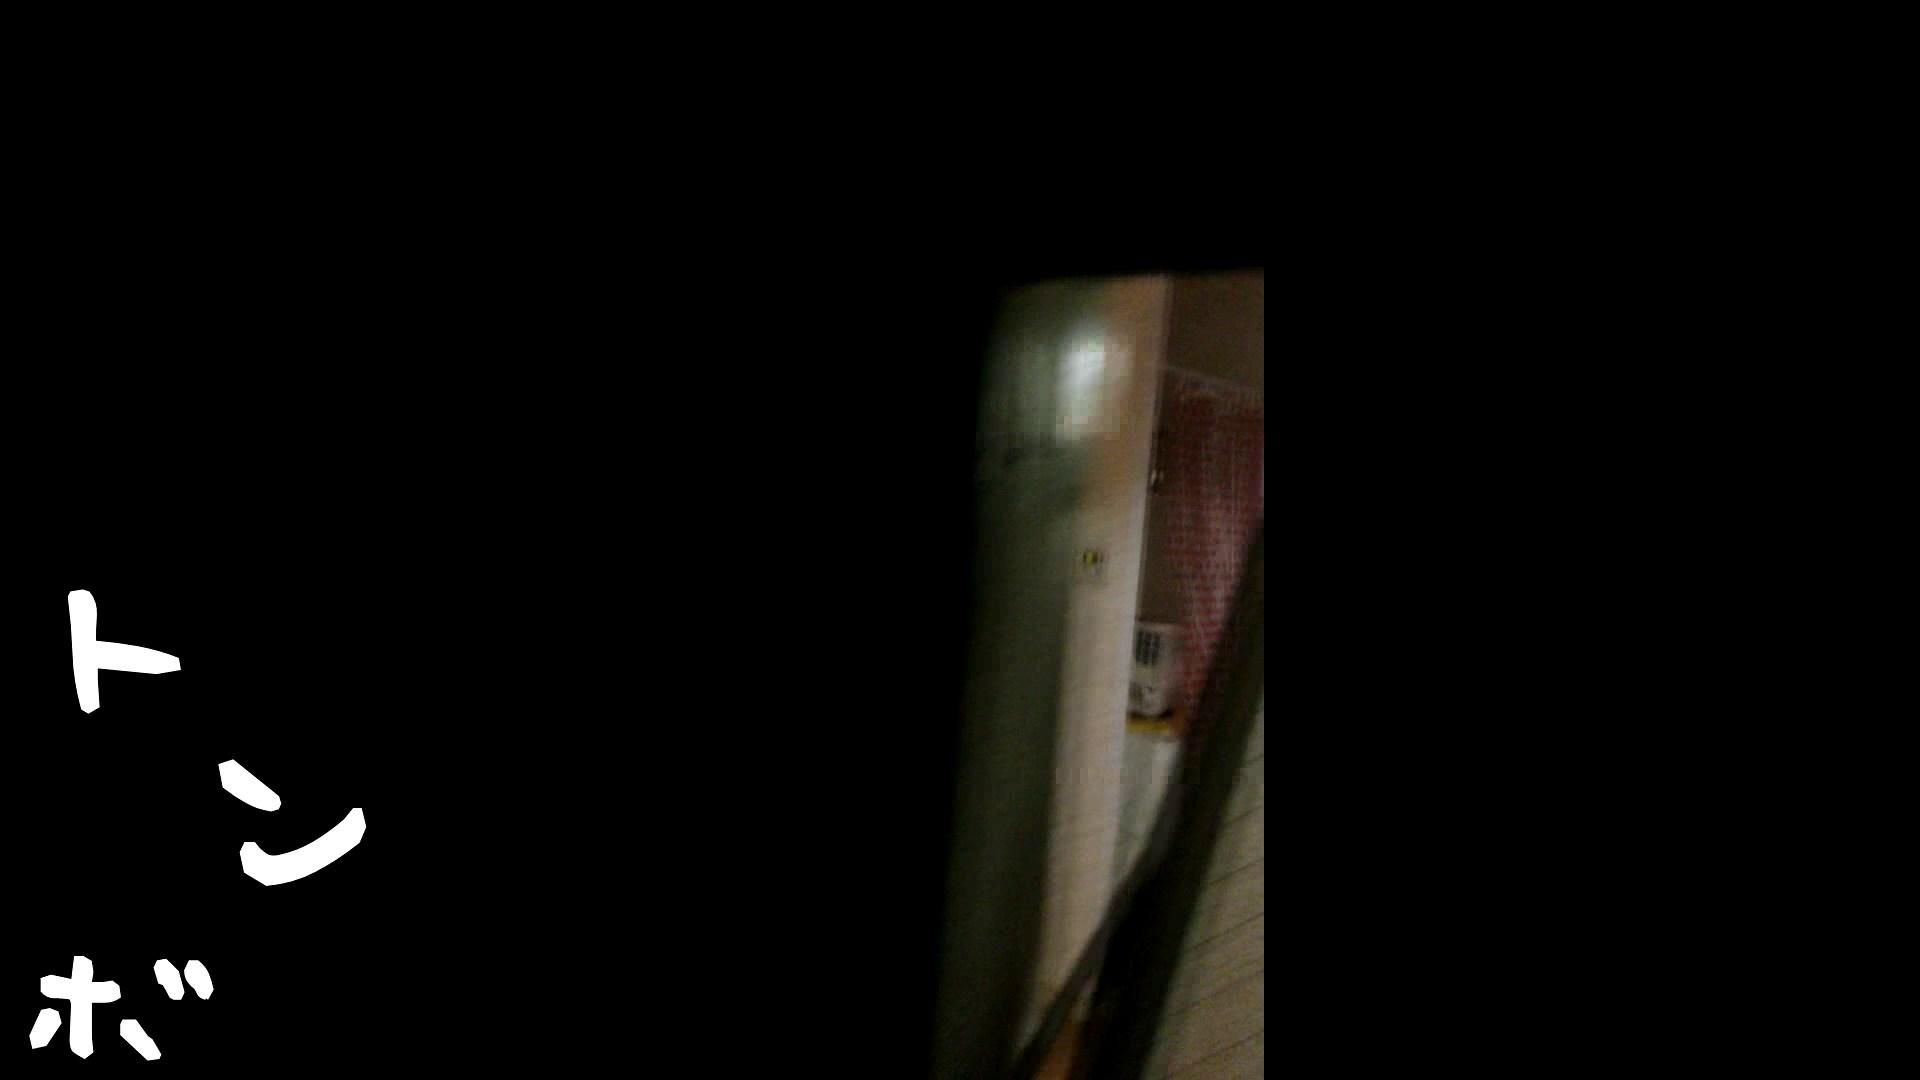 リアル盗撮 作家志望J子 アソコのお手入れ最中に感じてパンツを湿らす 盗撮   高画質  105pic 101